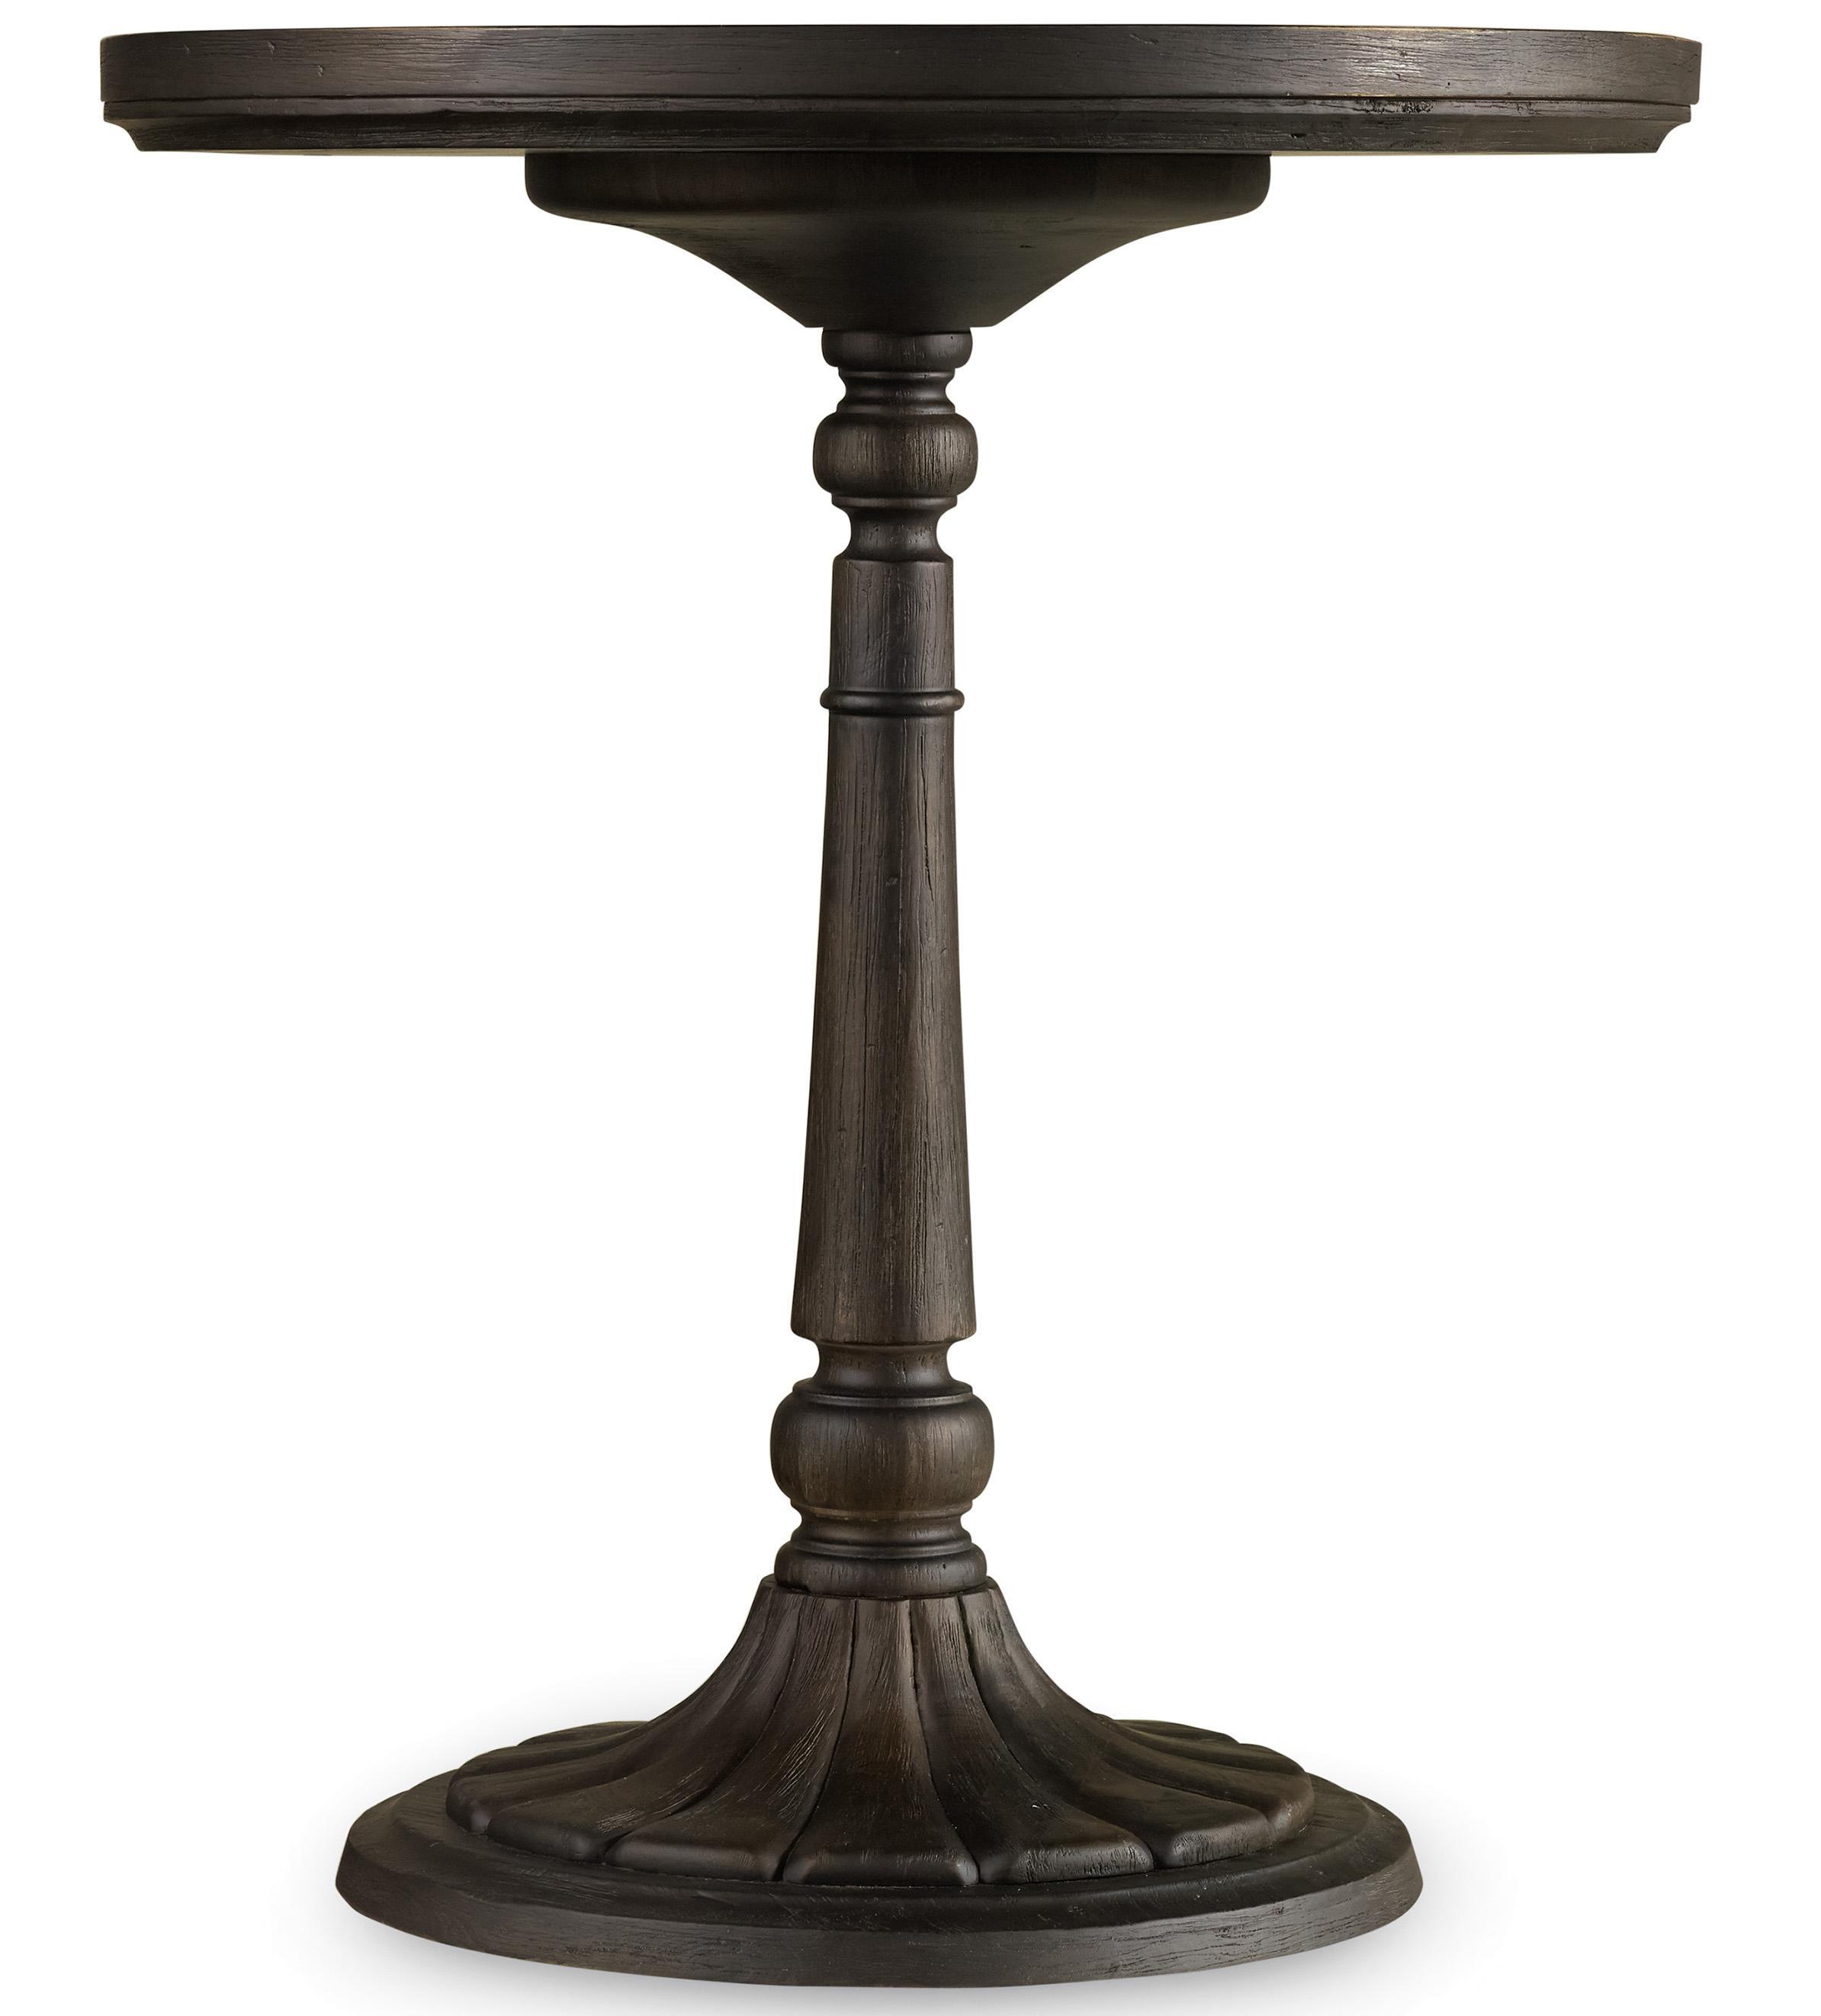 Hooker Furniture Corsica Round Bedside Table - Item Number: 5280-90015